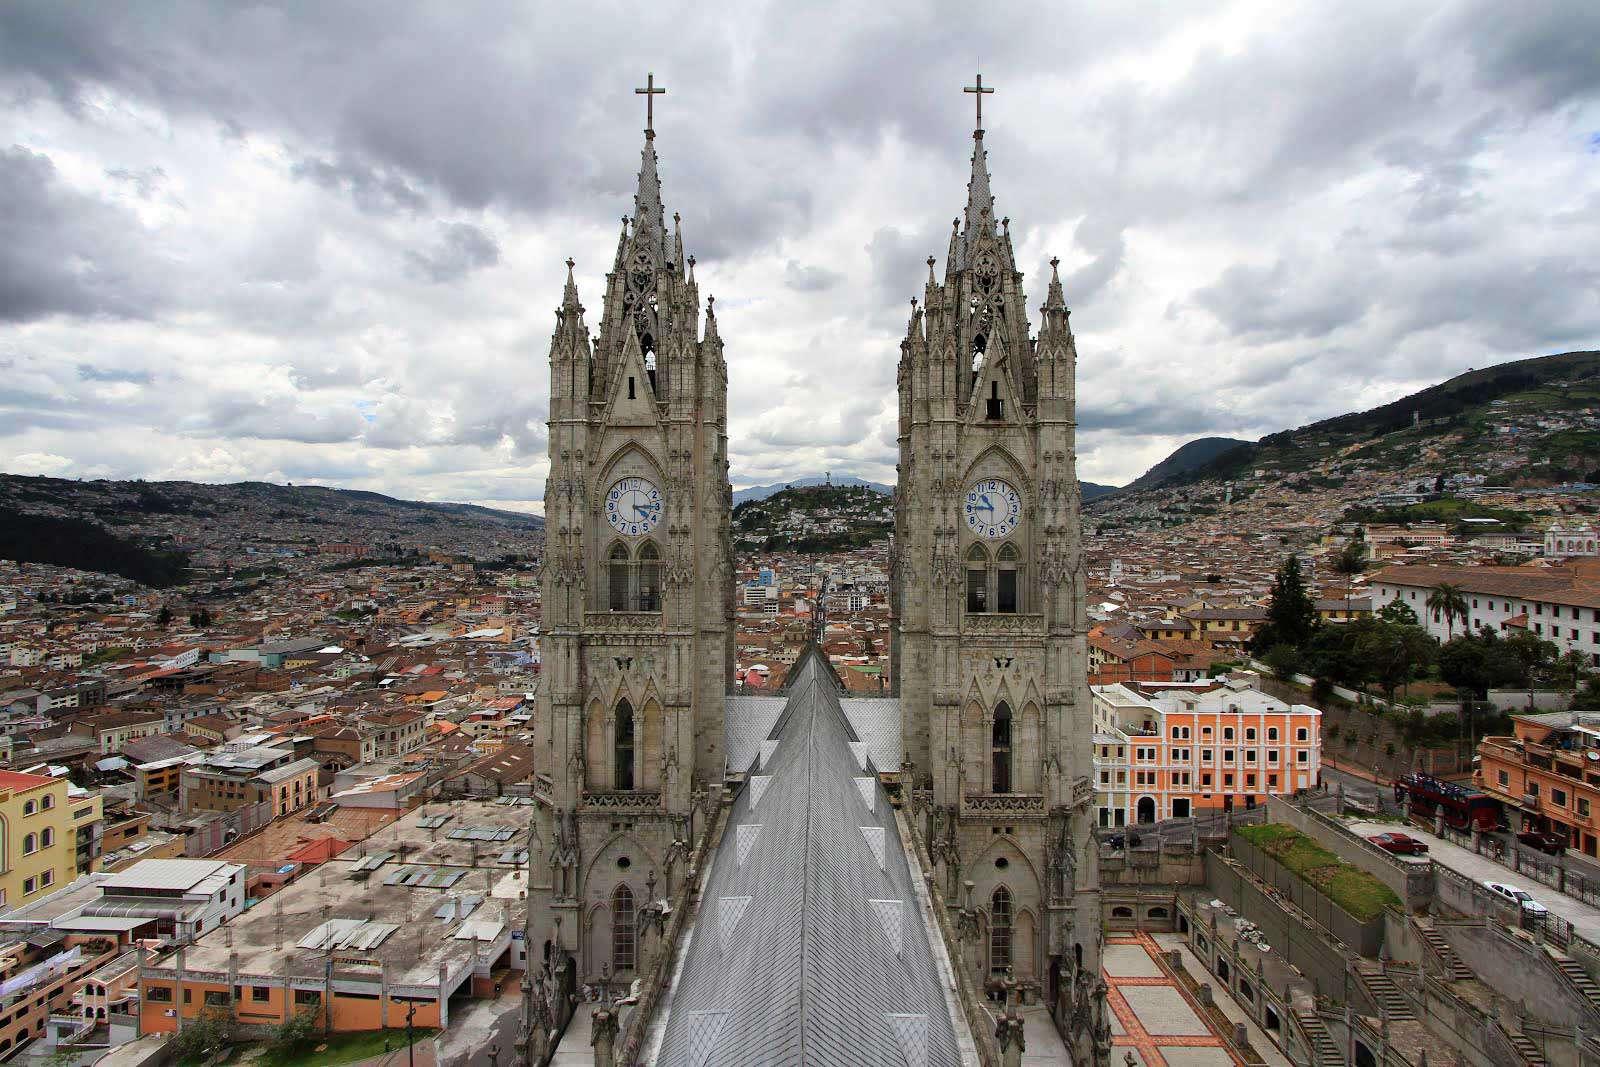 Вид с вершины базилики дель вото насьональ, Кито